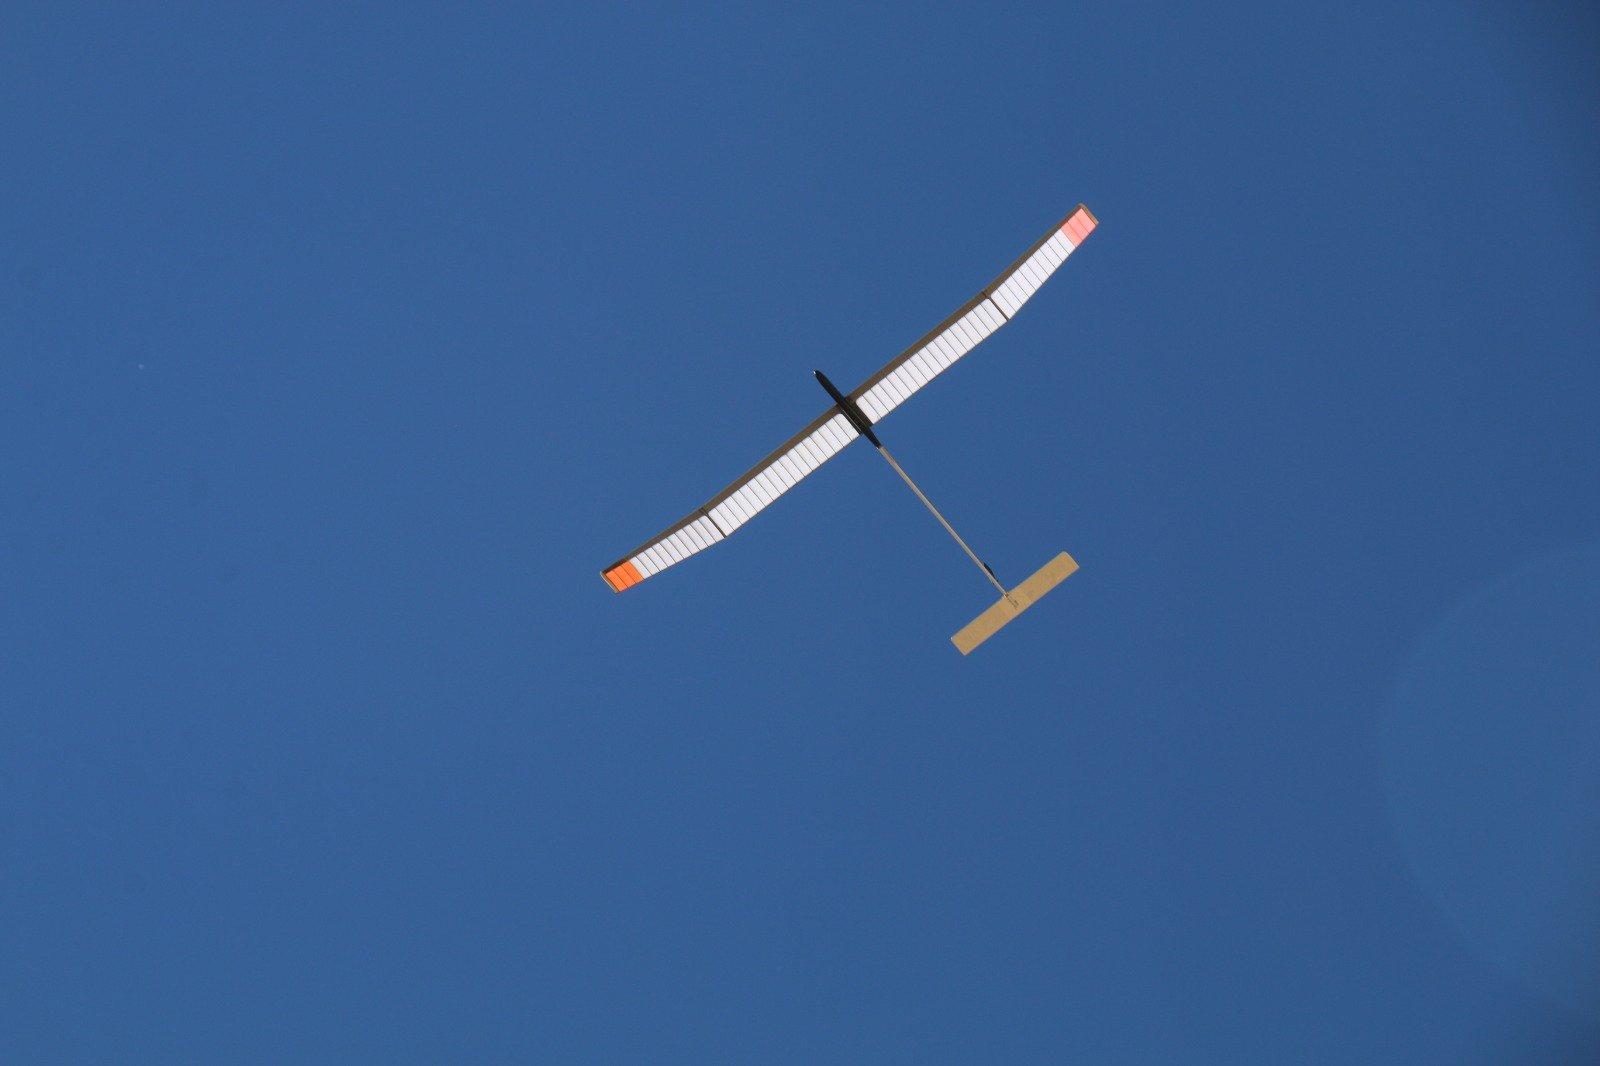 Sivas'ta Model Uçaklar Zafere Uçtu